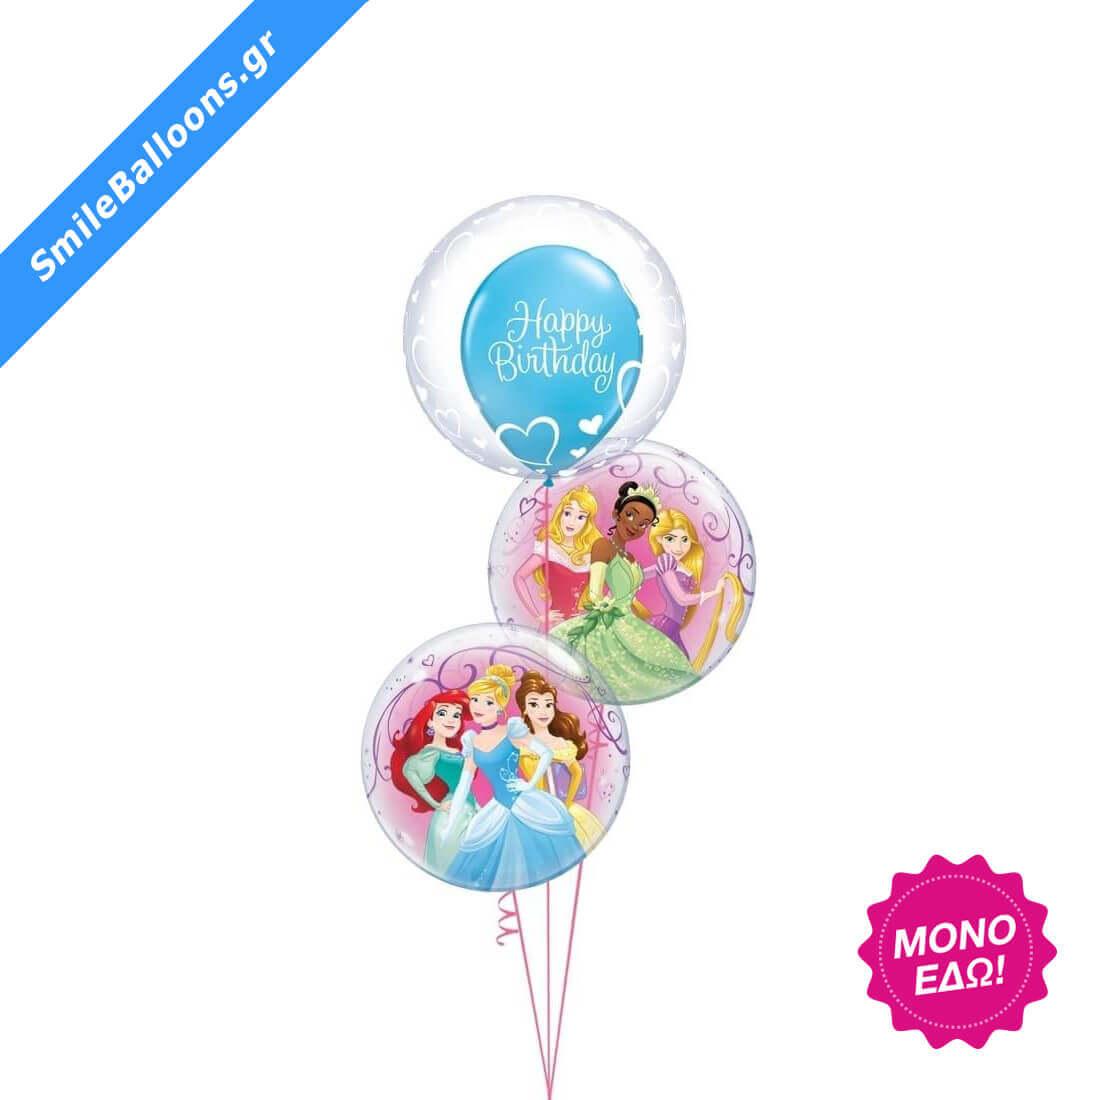 """Μπουκέτο μπαλονιών """"Ultimate Disney Princess Birthday Bouquet"""""""